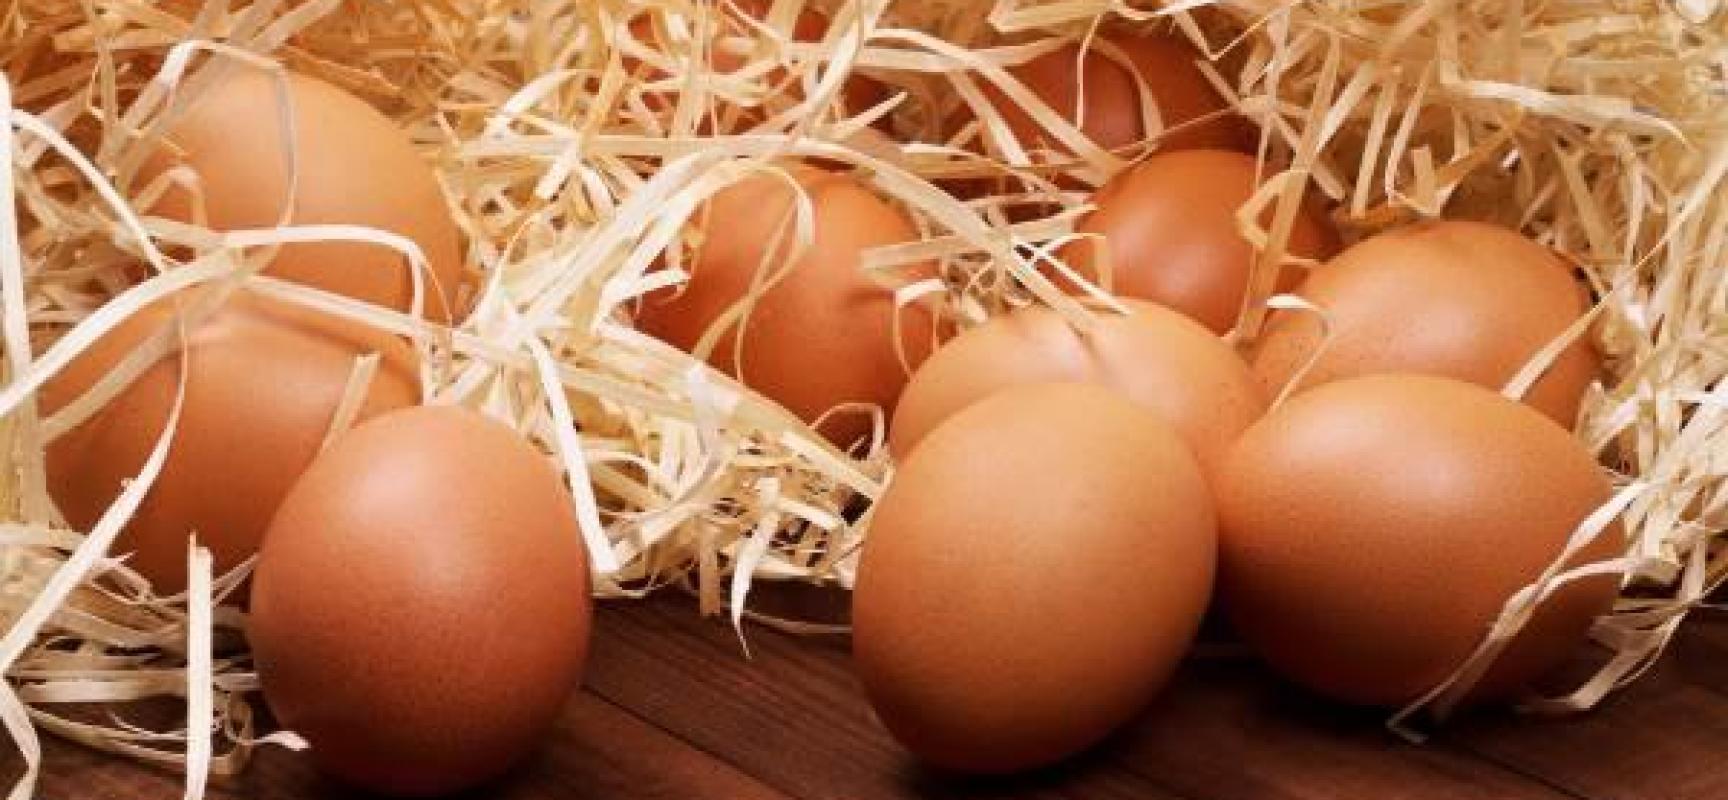 Uova contaminate dall'insetticida Fipronil, riunione UE